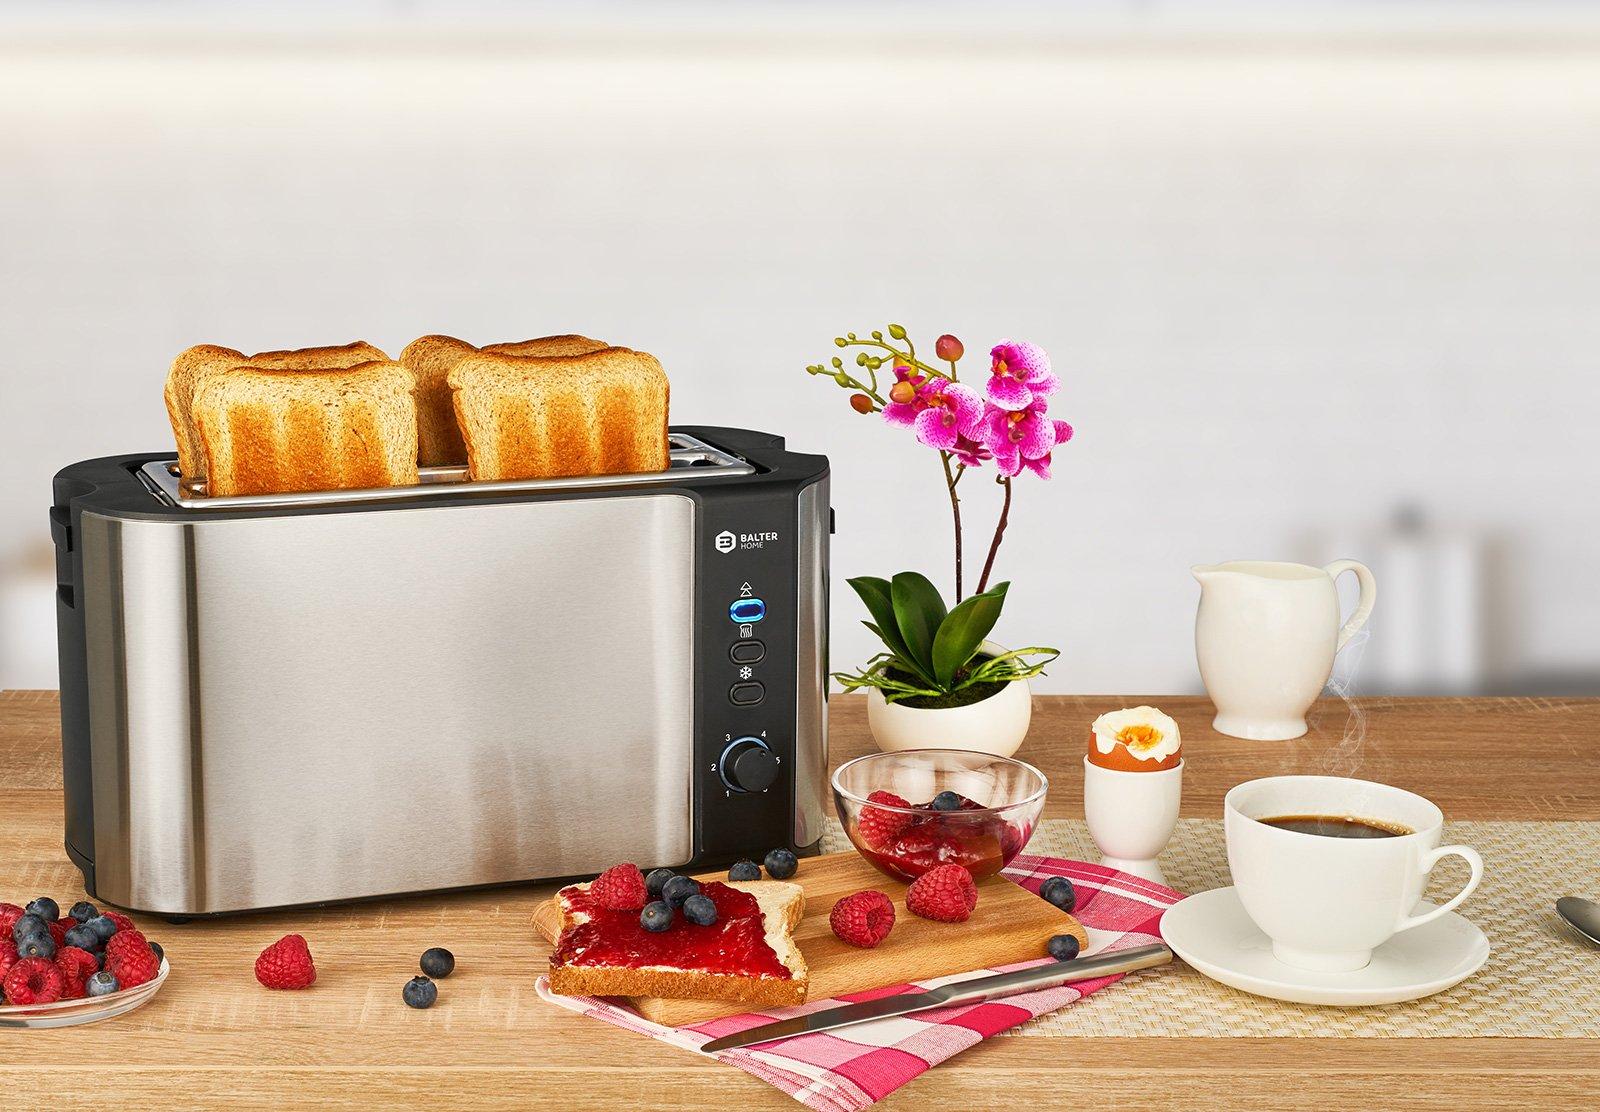 Balter-Toaster-4-Scheiben-Langschlitz–Brtchenaufsatz–Auftaufunktion–Brotzentrierung–Krmelschublade–Edelstahlgehuse–Farbe-Silber